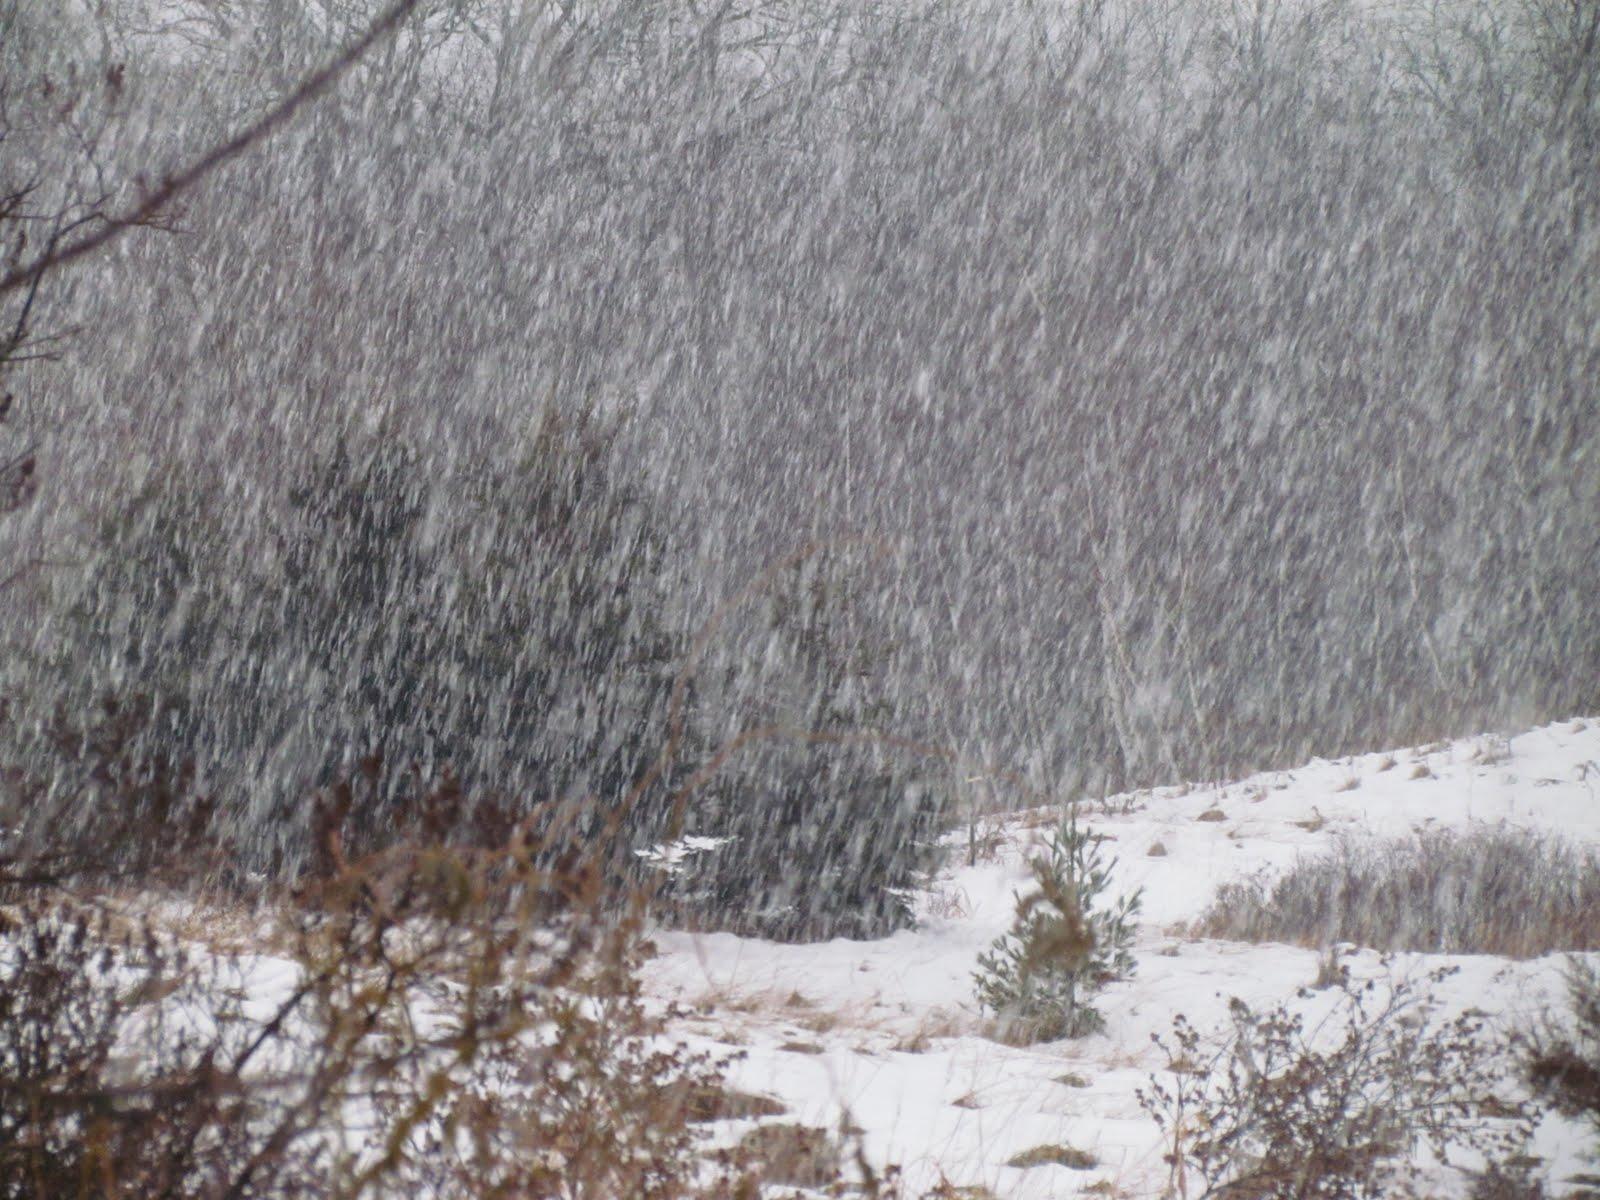 Pauca Verba Lenten Mercy Meditation Like The Rain And Snow